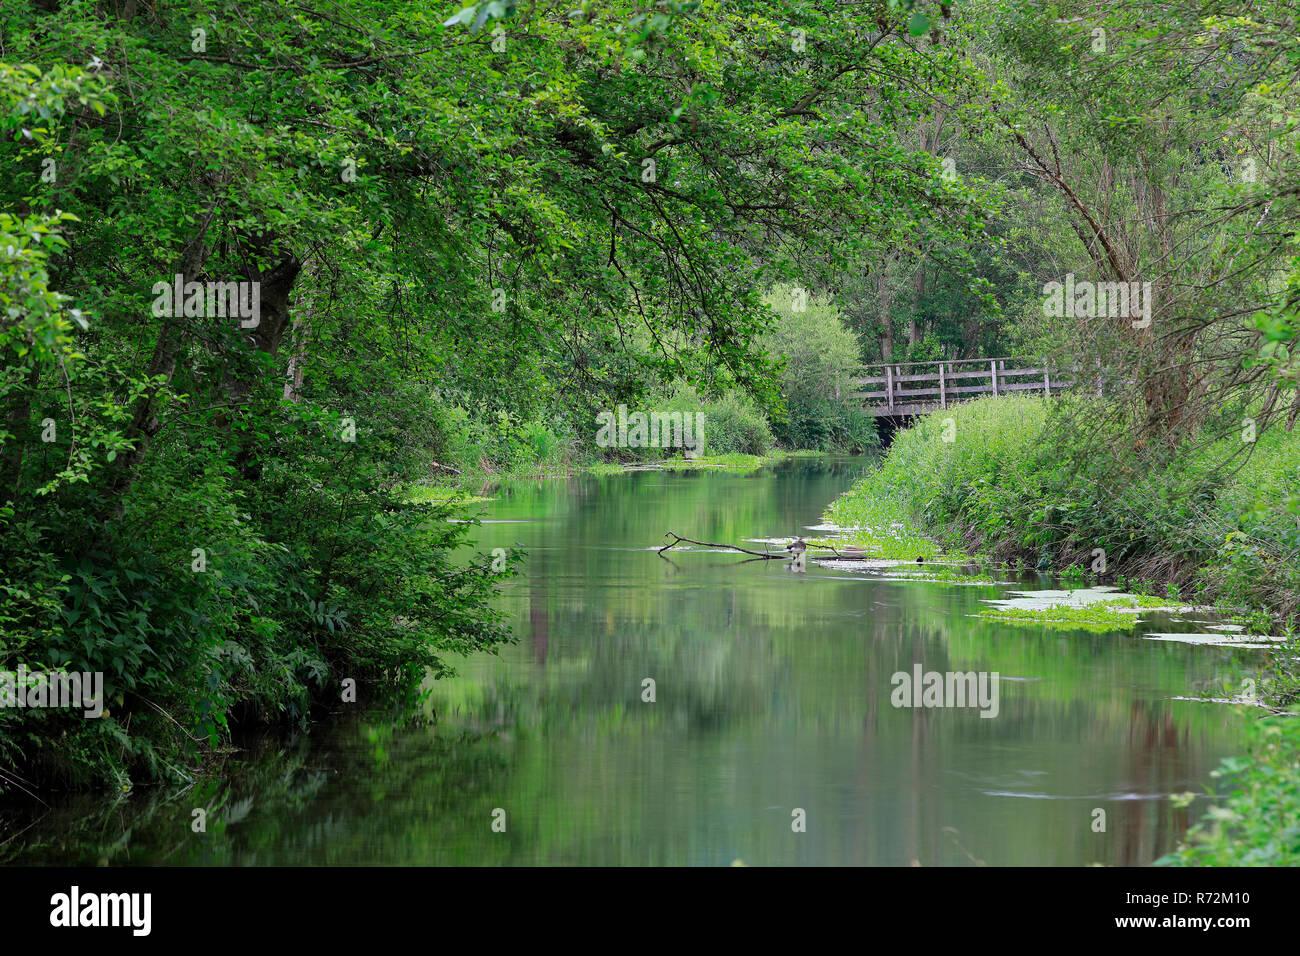 River Lauchert, Lauchert Valley, Germany - Stock Image